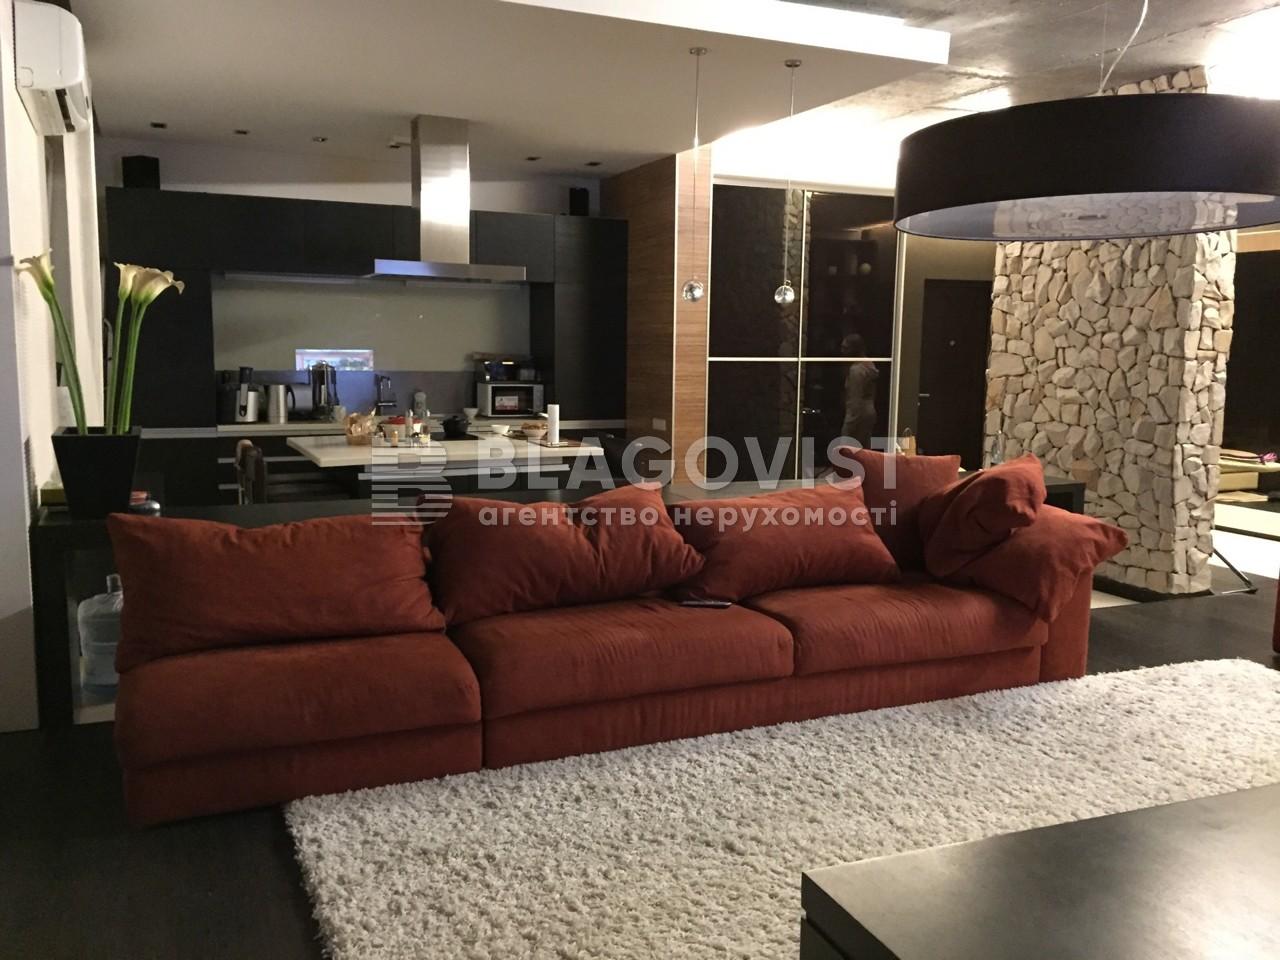 Квартира R-6805, Коновальца Евгения (Щорса), 32б, Киев - Фото 5